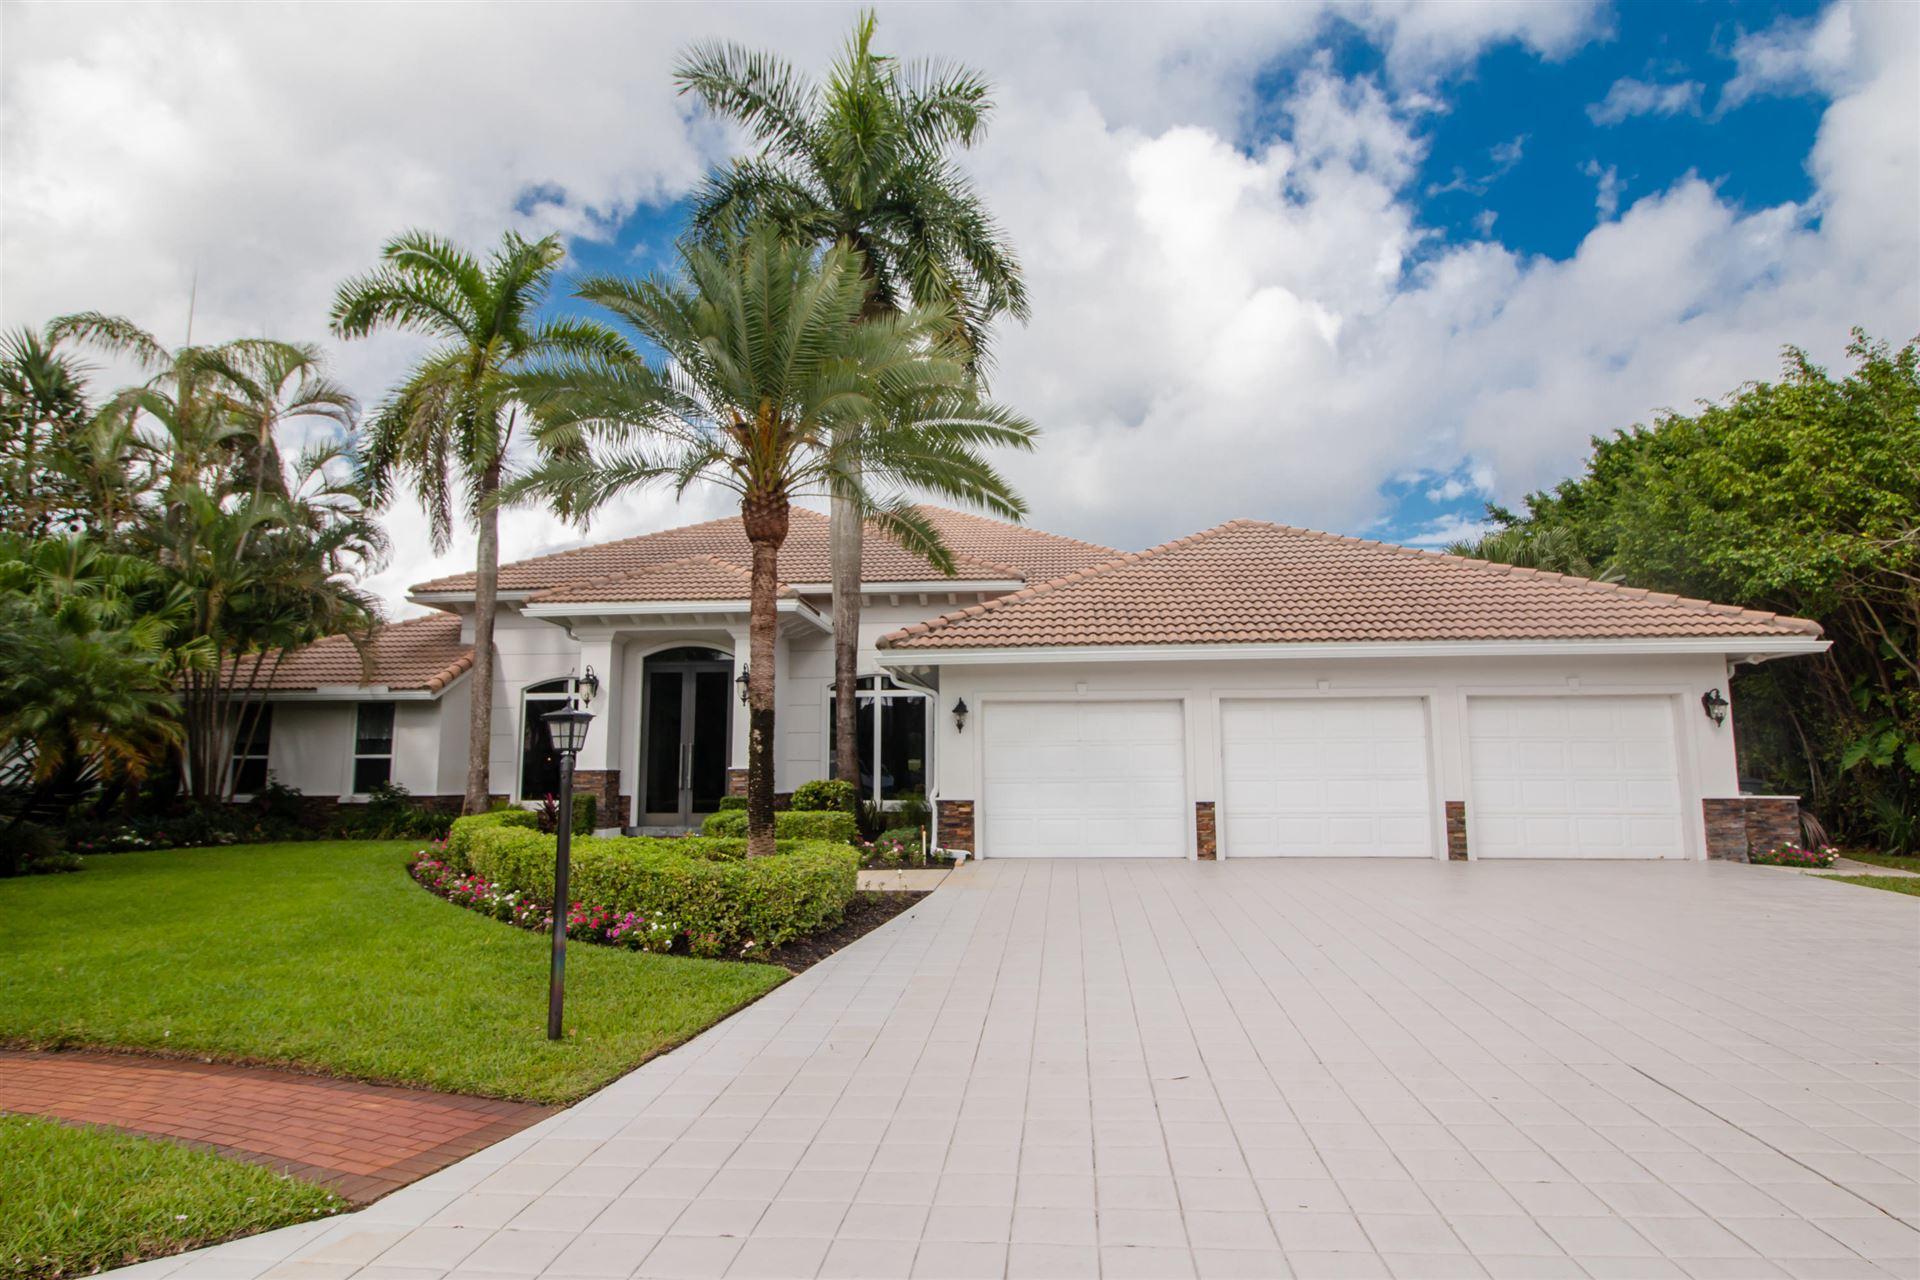 7929 Wellwynd Way, Boca Raton, FL 33496 - #: RX-10667750